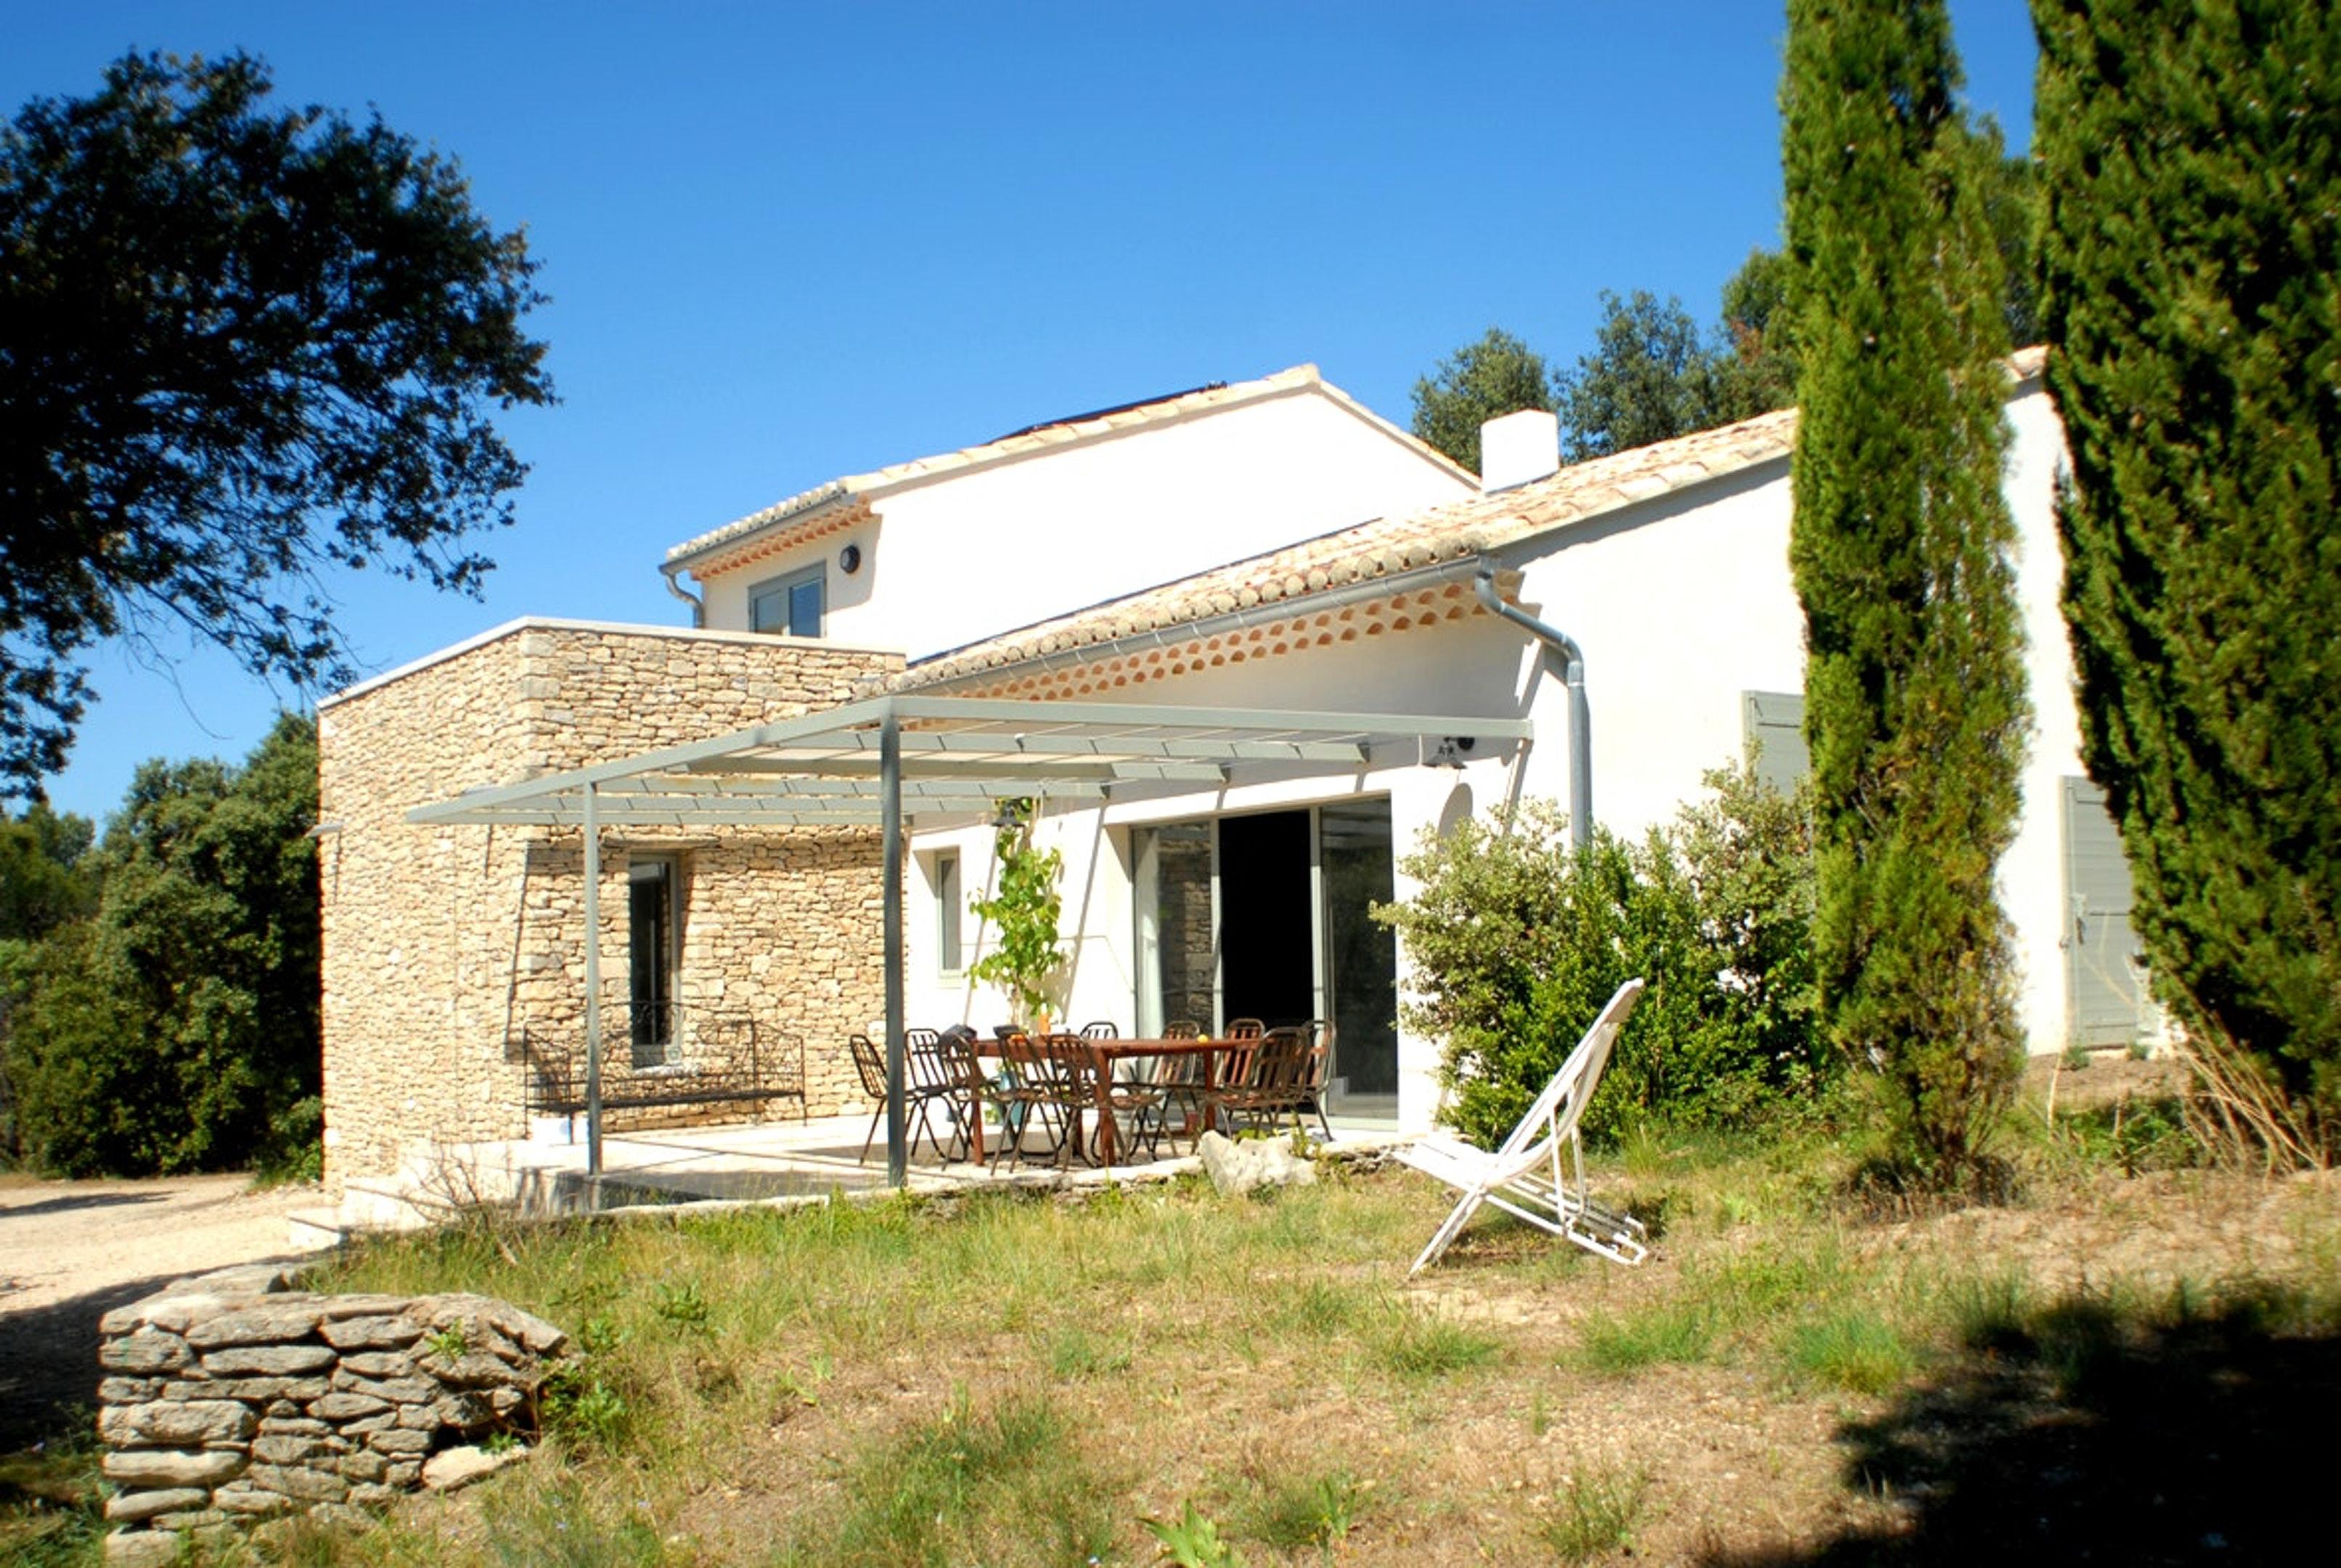 Maison de vacances Villa mit 5 Schlafzimmern in L'Isle-sur-la-Sorgue mit privatem Pool, eingezäuntem Garten u (2202725), L'Isle sur la Sorgue, Vaucluse, Provence - Alpes - Côte d'Azur, France, image 3